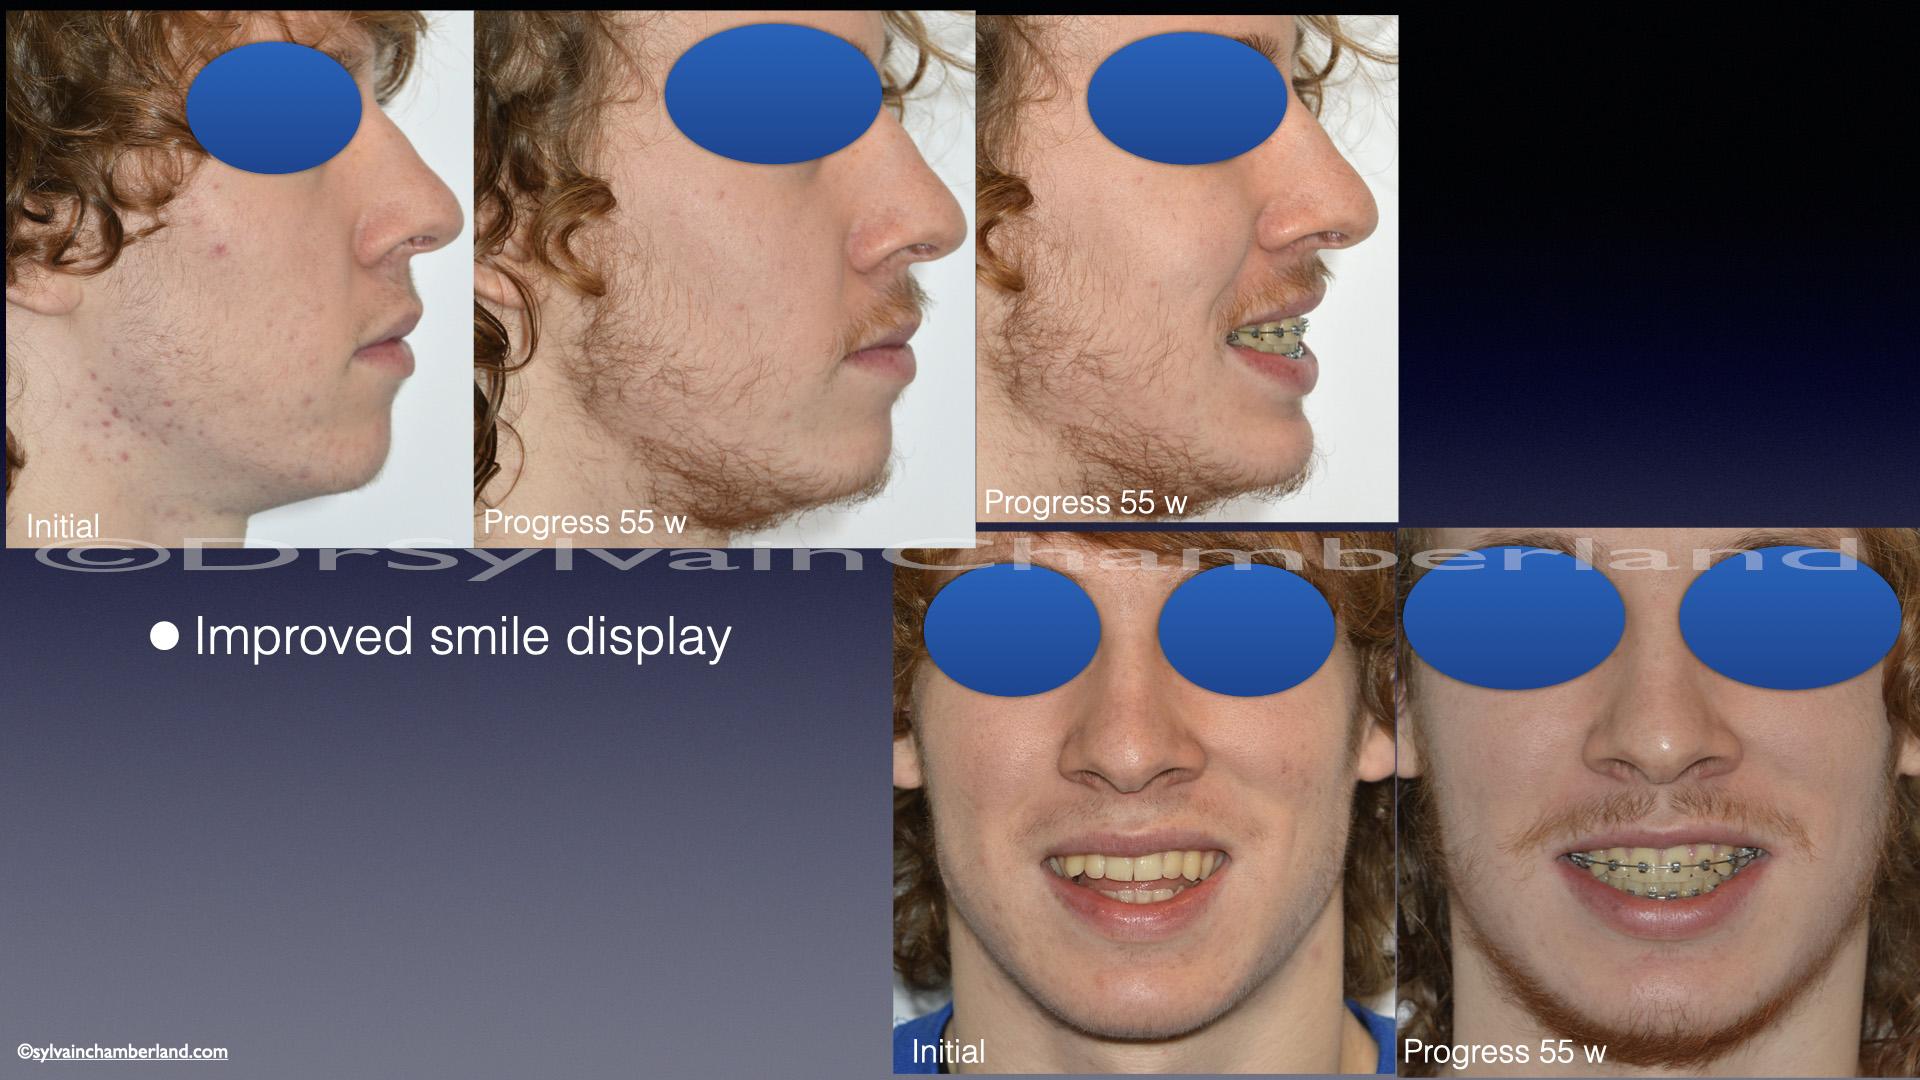 Comparaison du sourire